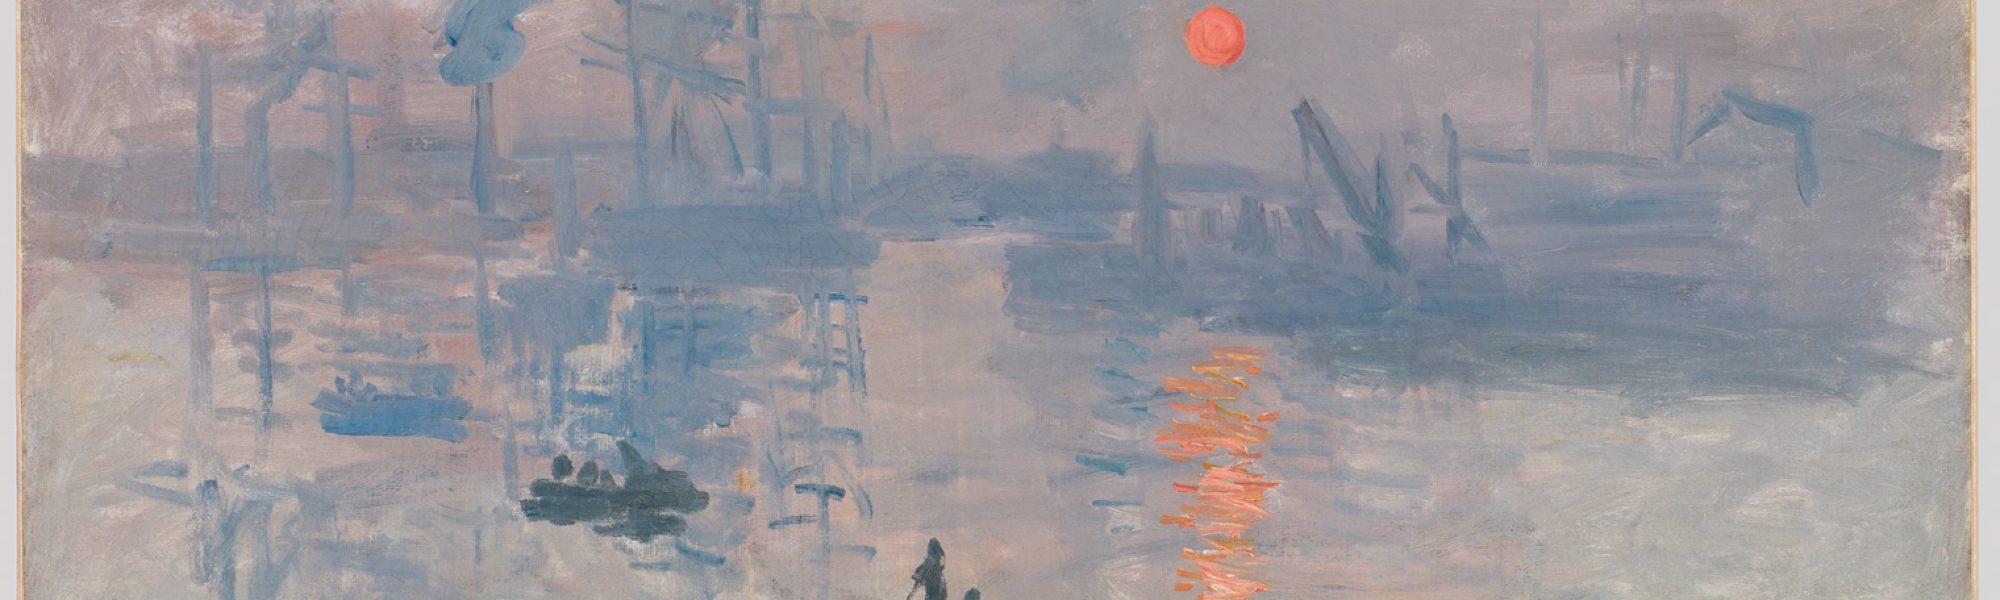 Impression, soleil levant - Tableau de Claude Monet